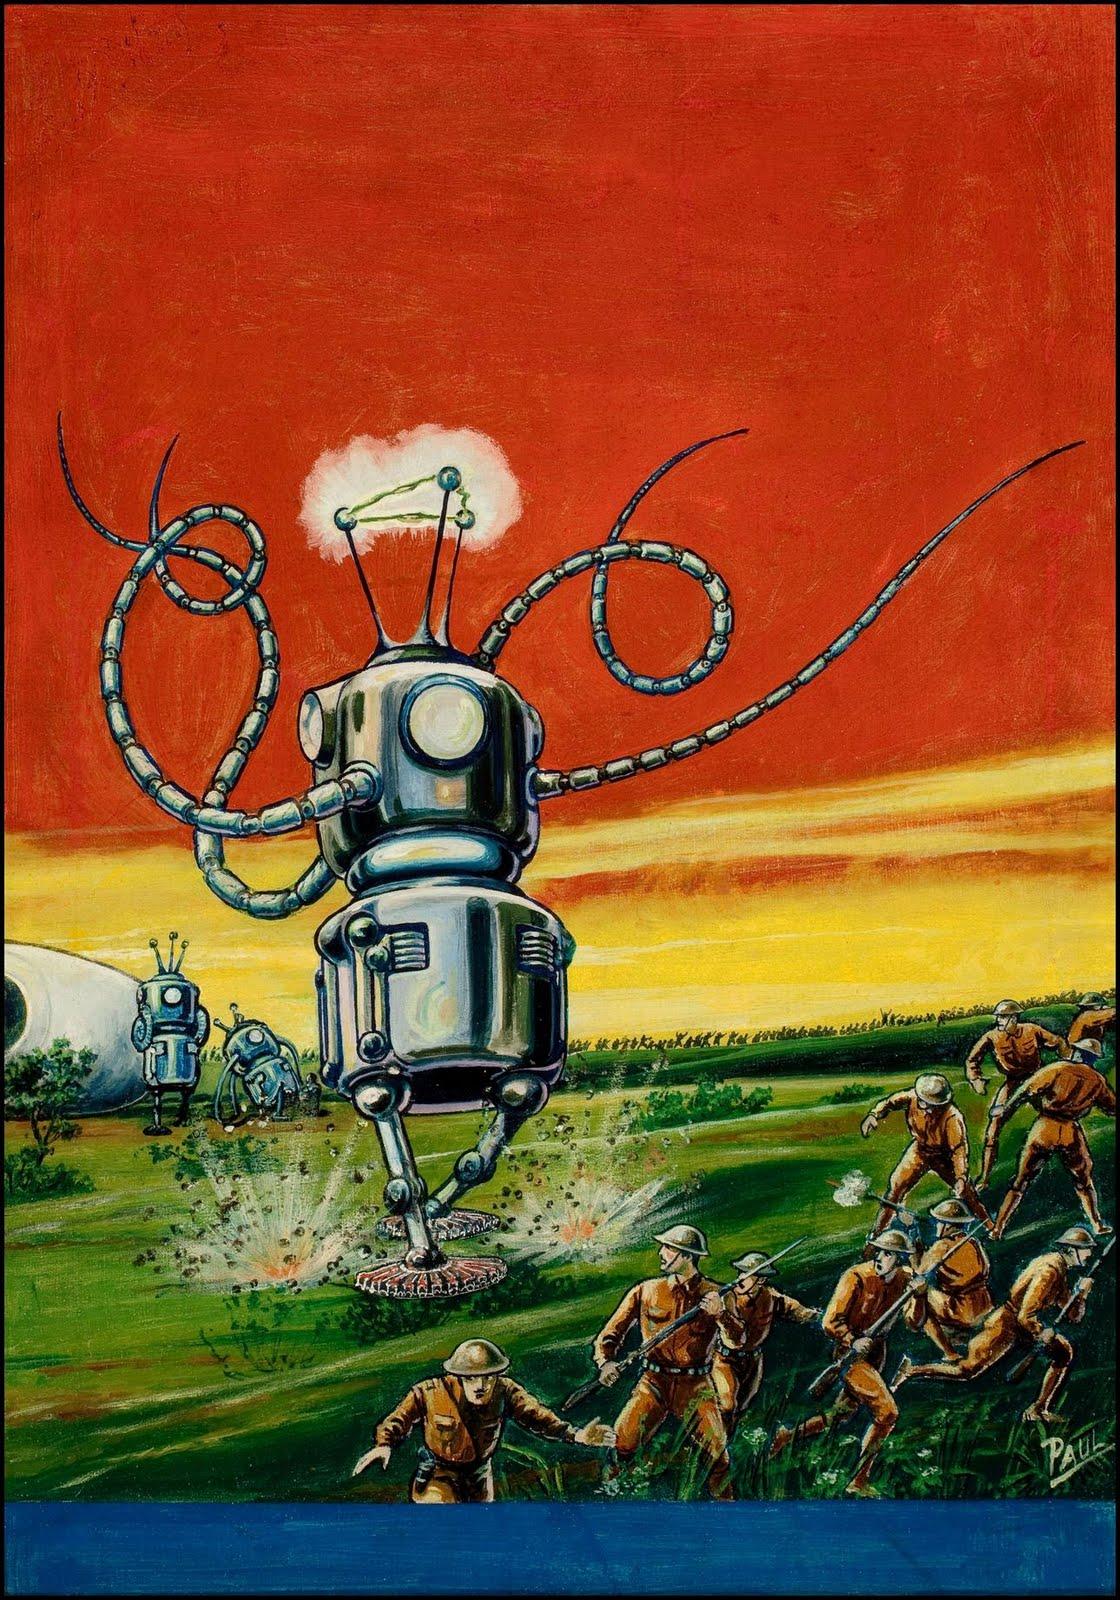 science fiction alien robots